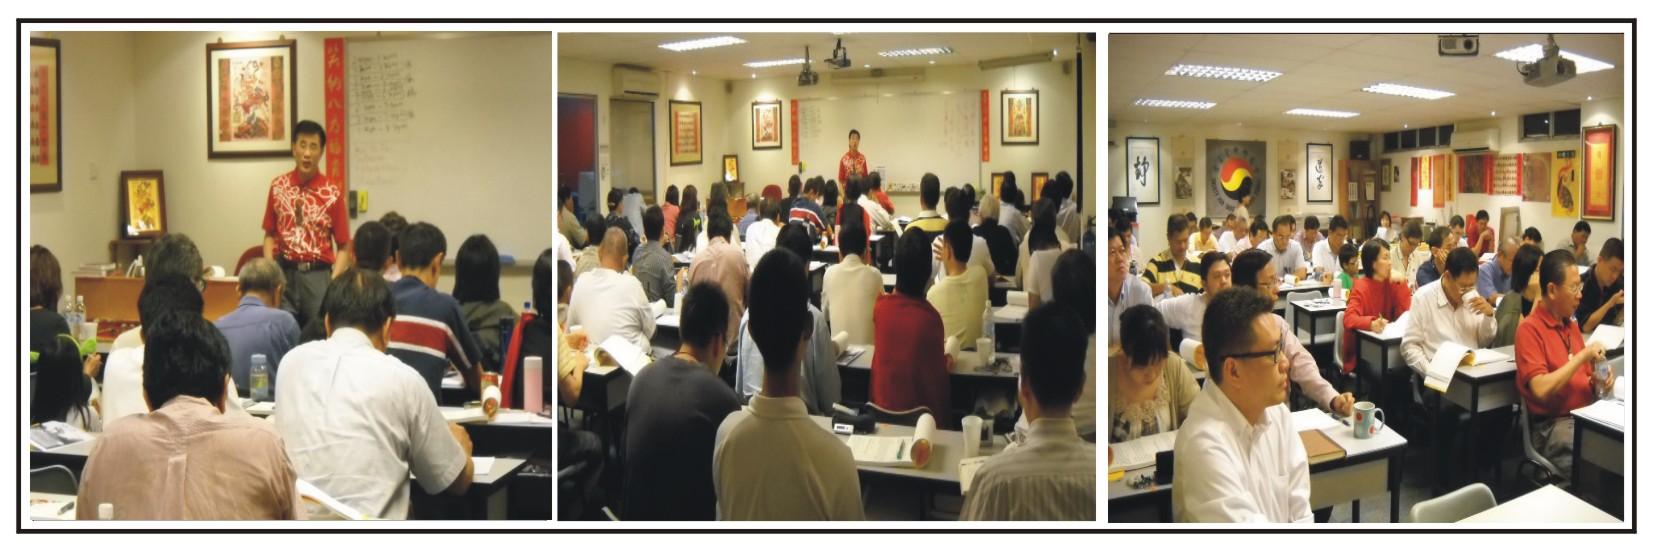 永久名譽理事長李亨利博士,應邀至『馬來西亞道家學術研究會』與『新加坡道家學術研究會』講授道家學術課程